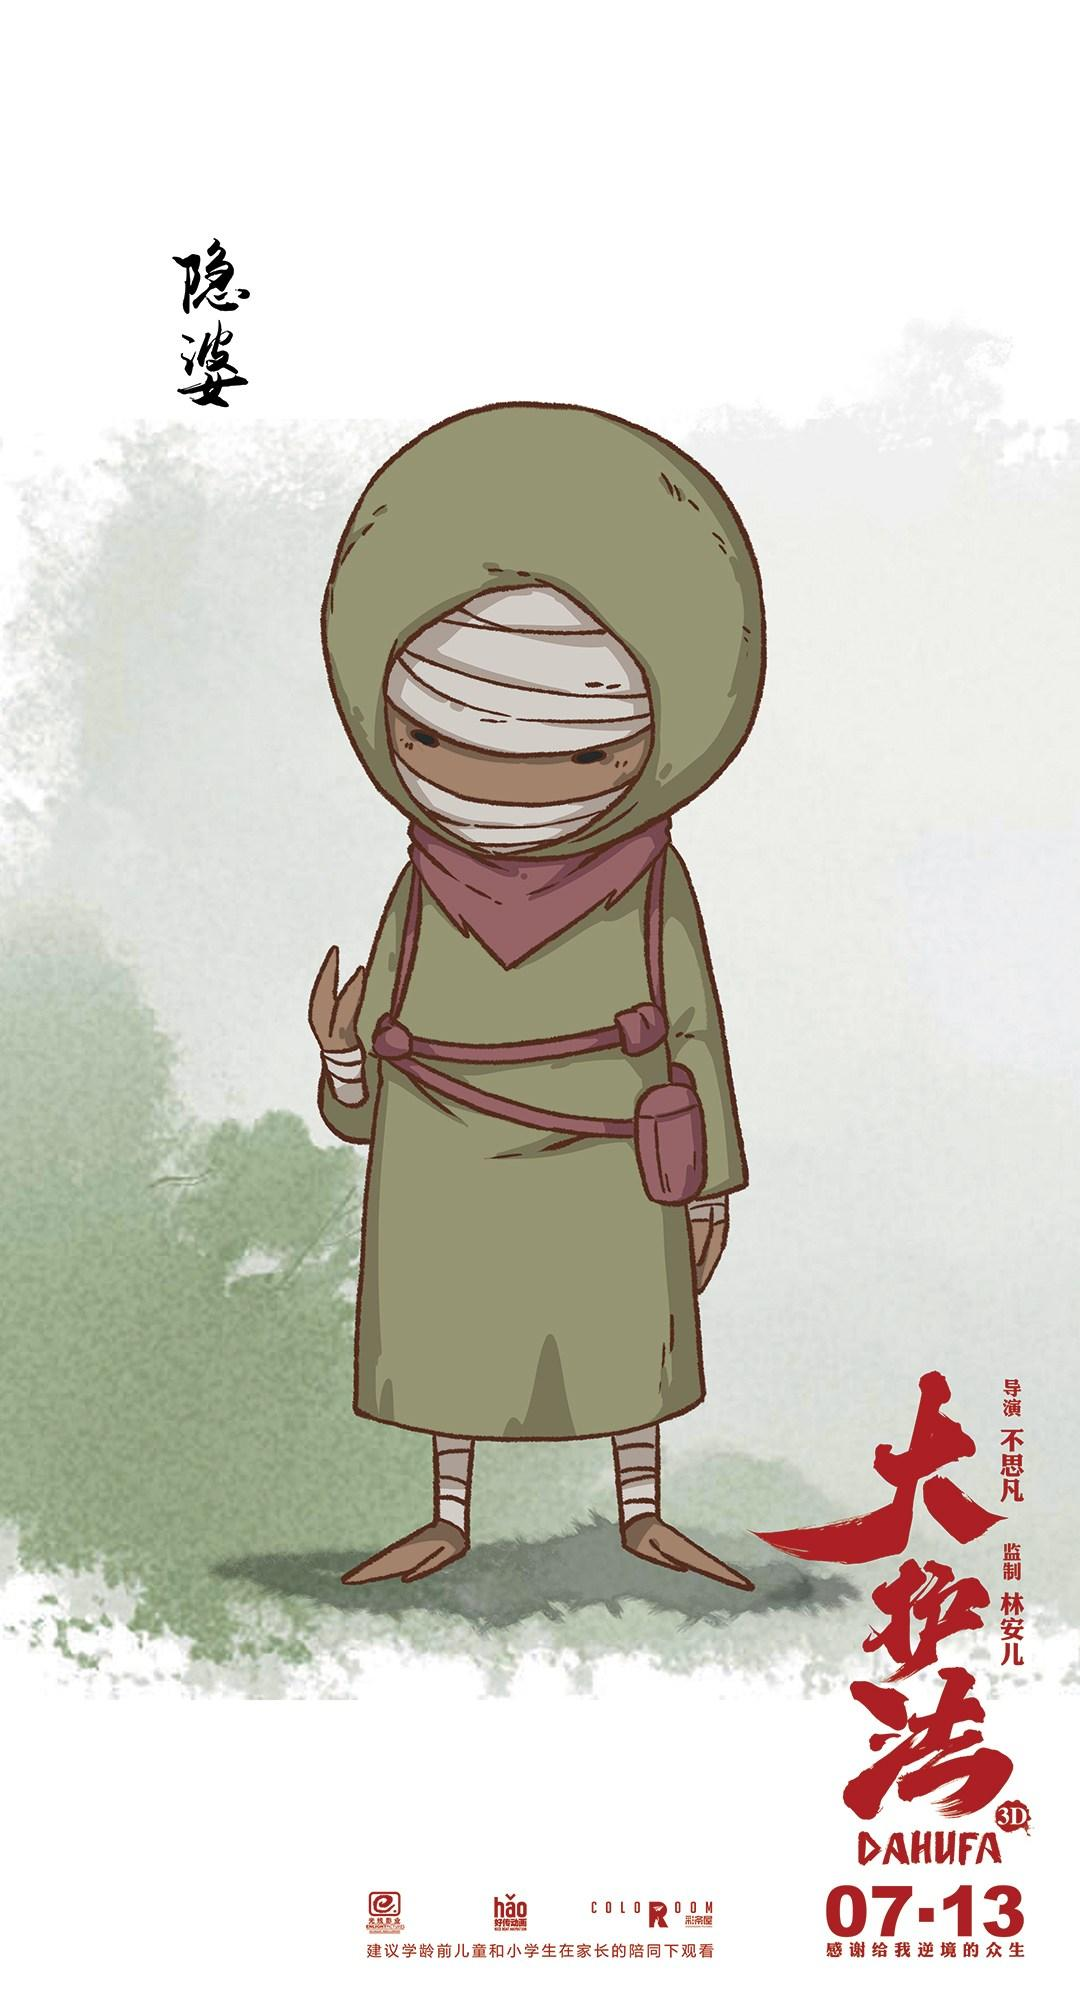 电影《大护法》发q版人物海报